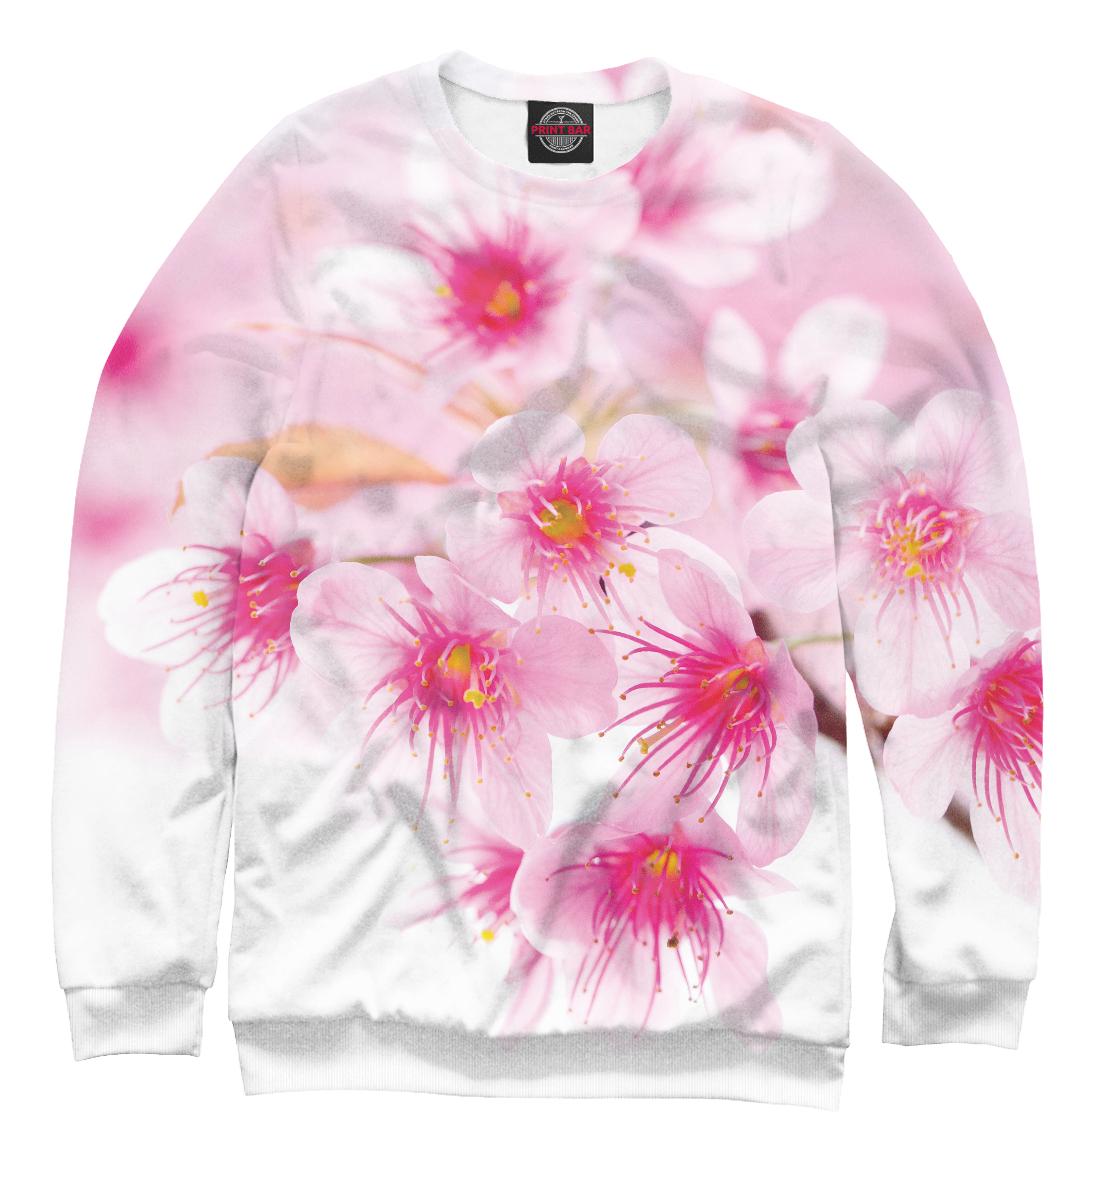 Купить Вишнёвый цвет, Printbar, Свитшоты, CVE-219744-swi-2